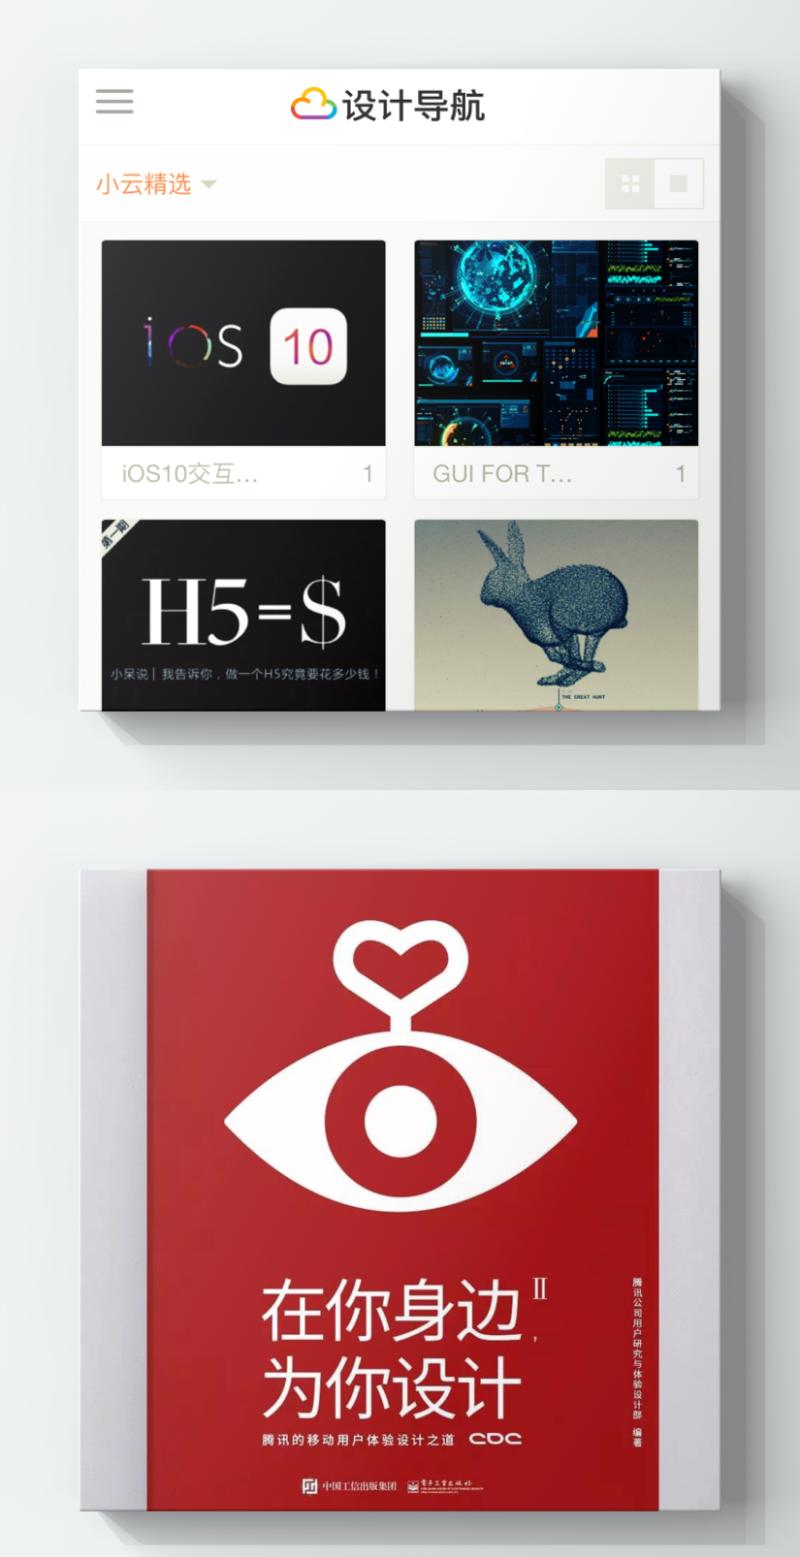 关注这12个设计团队的公众号,设计能力day day UP!